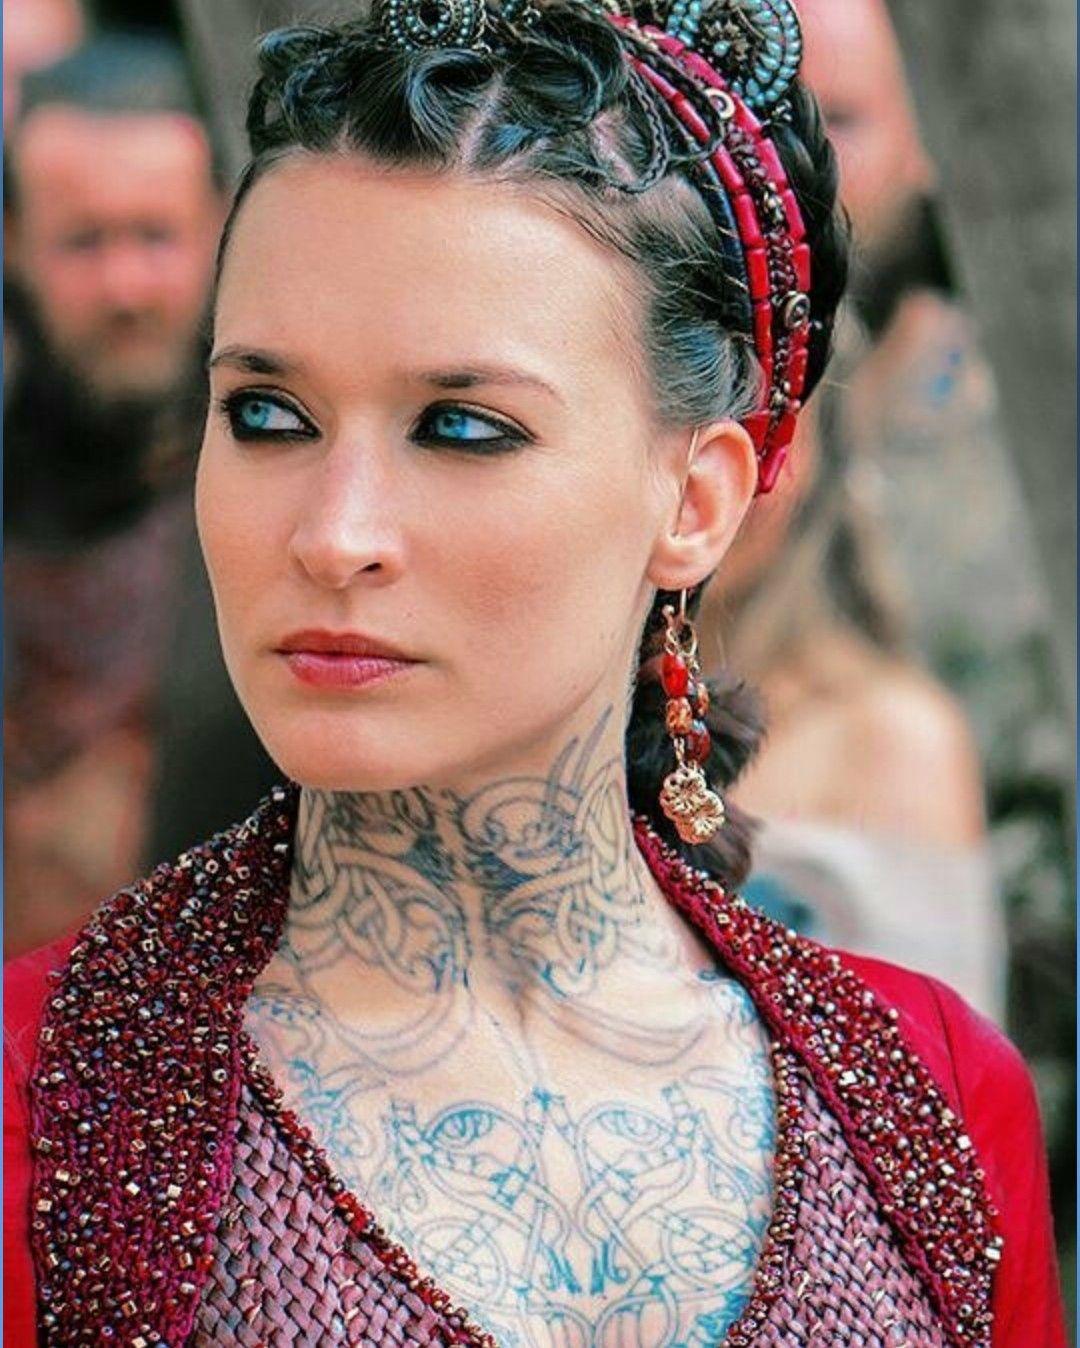 Vikings, Vikings Tv Series Y Viking Tattoos